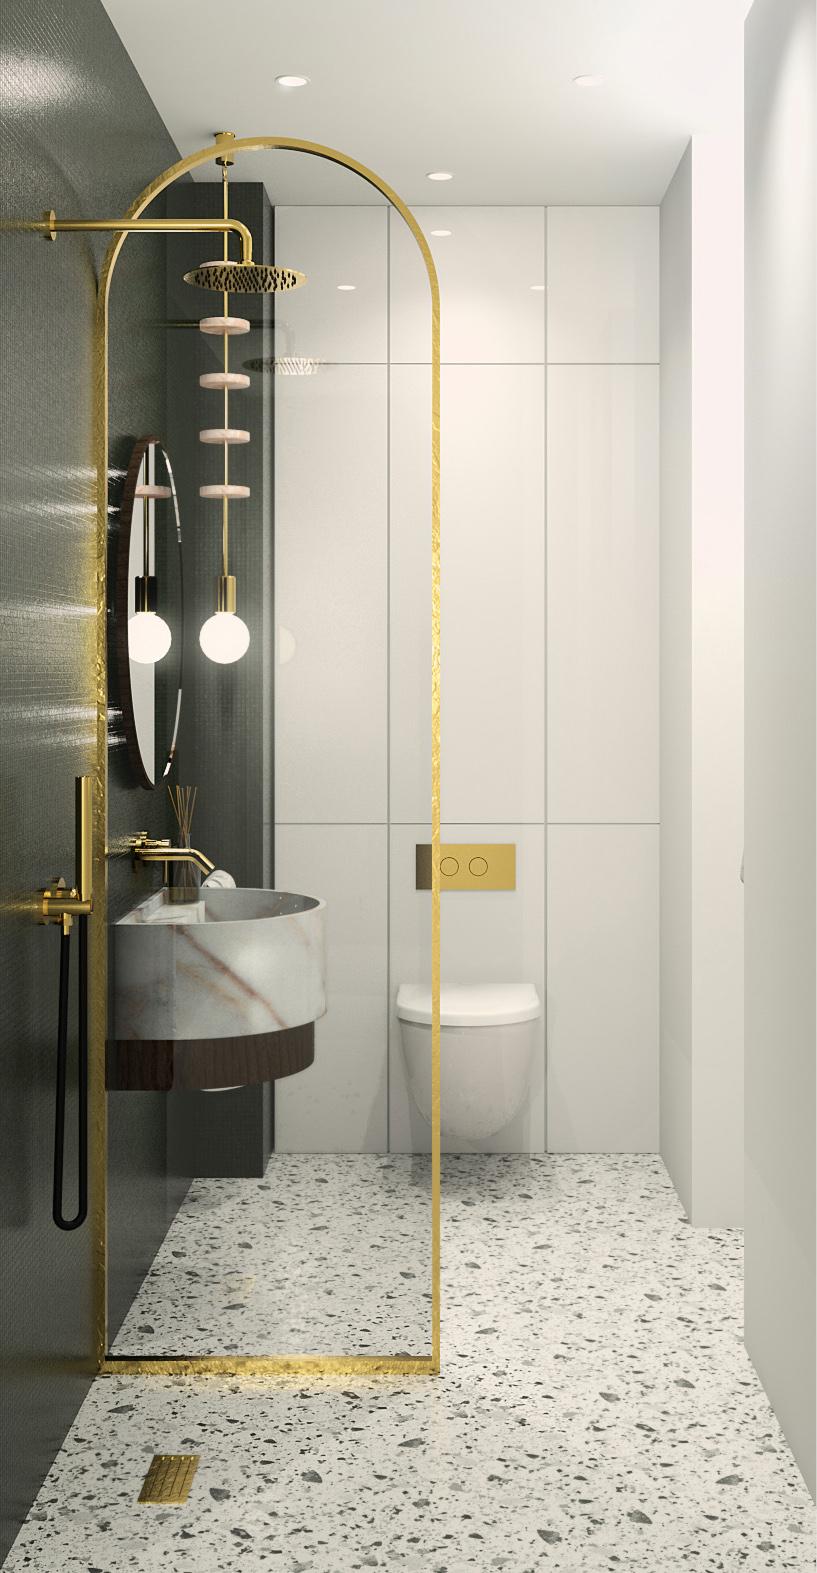 rangement d'une petite salle de bain optimisé